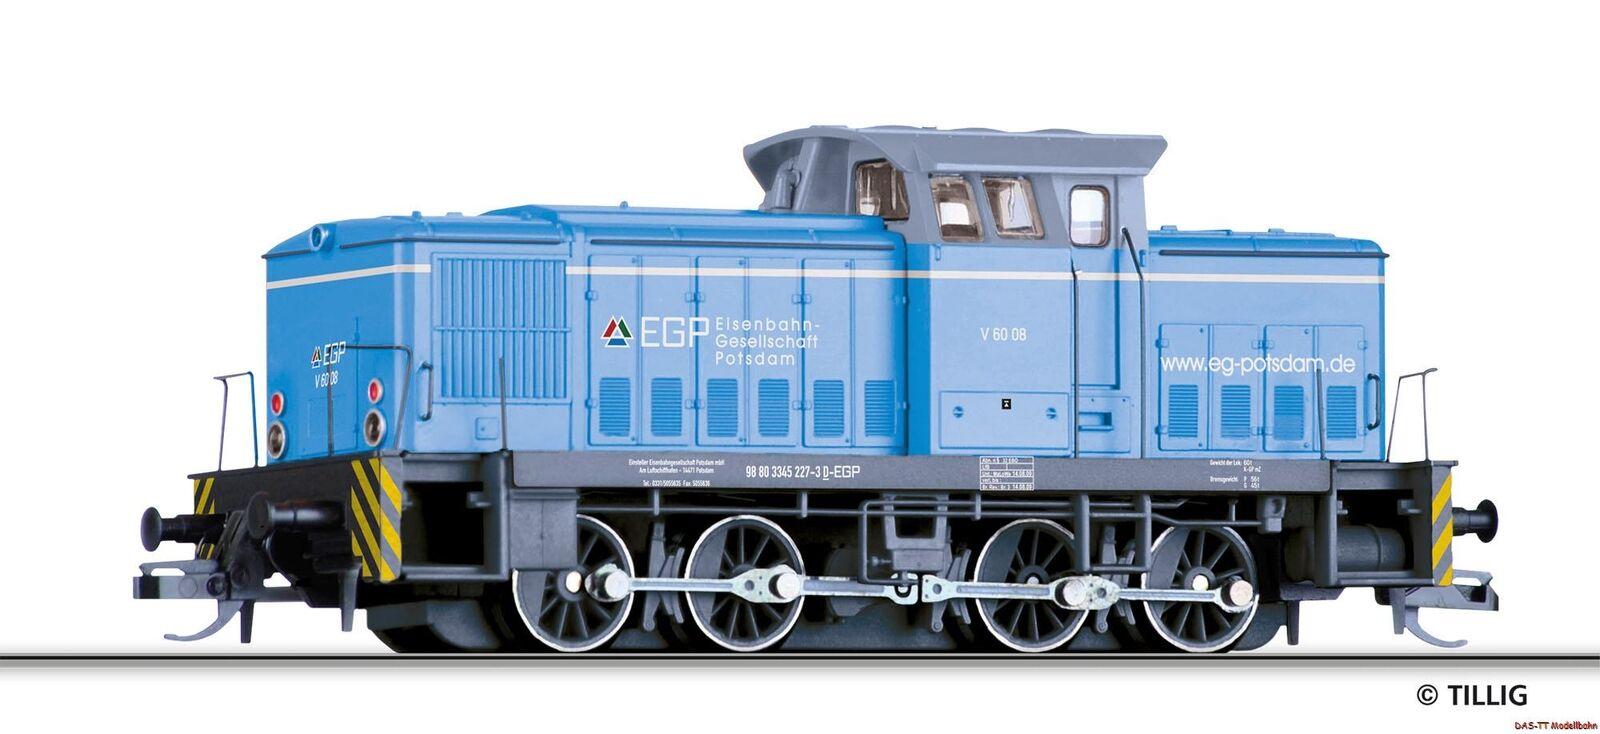 despacho de tienda TT diesellok V 60 08 egp egp egp EP. vi Tillig 96160 nuevo     precioso